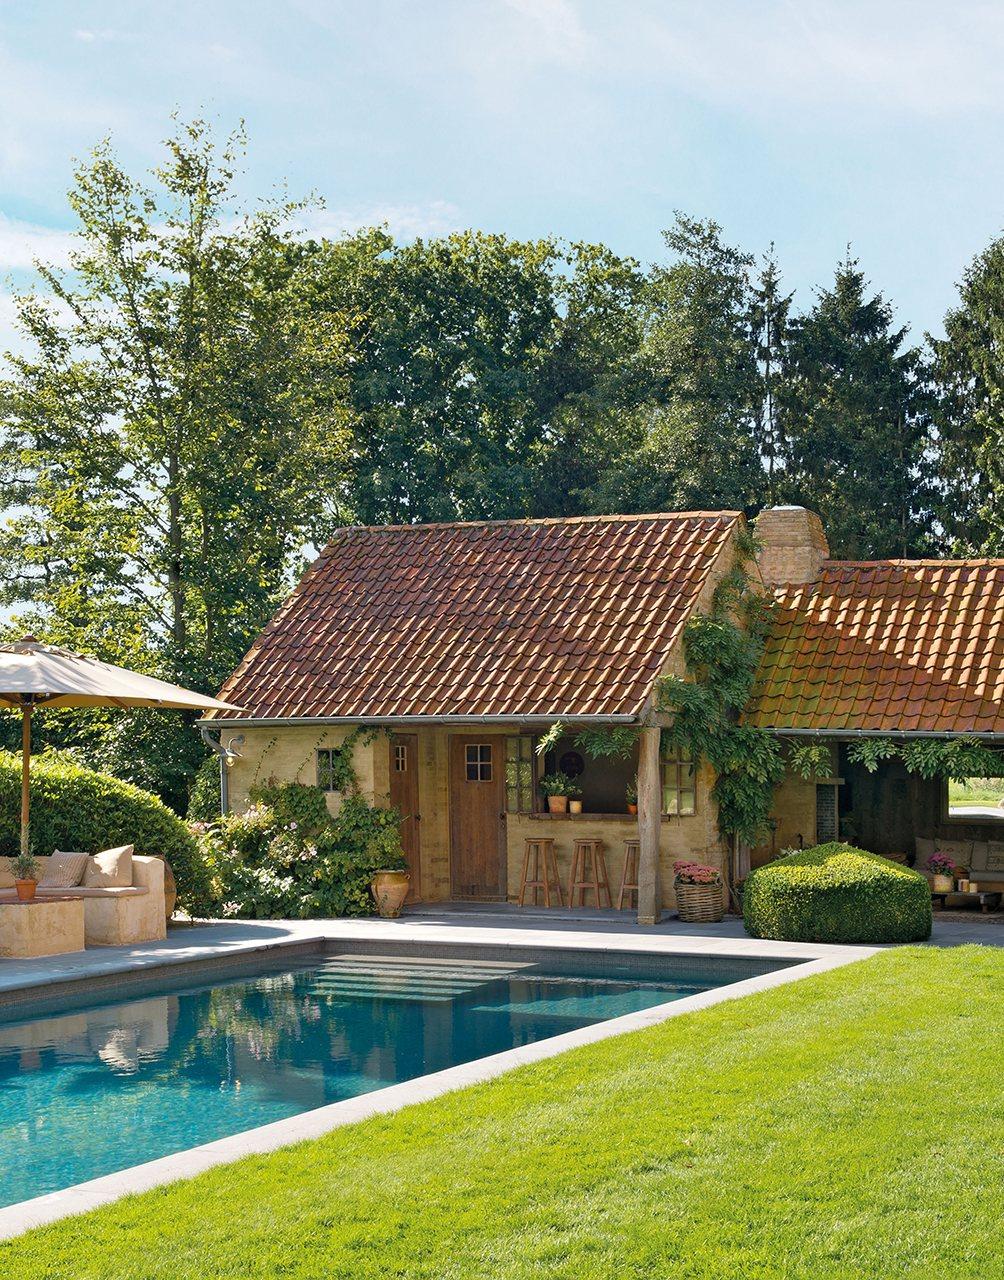 Una casa de campo muy acogedora con un jard n y un porche for Ver jardines de casas pequenas